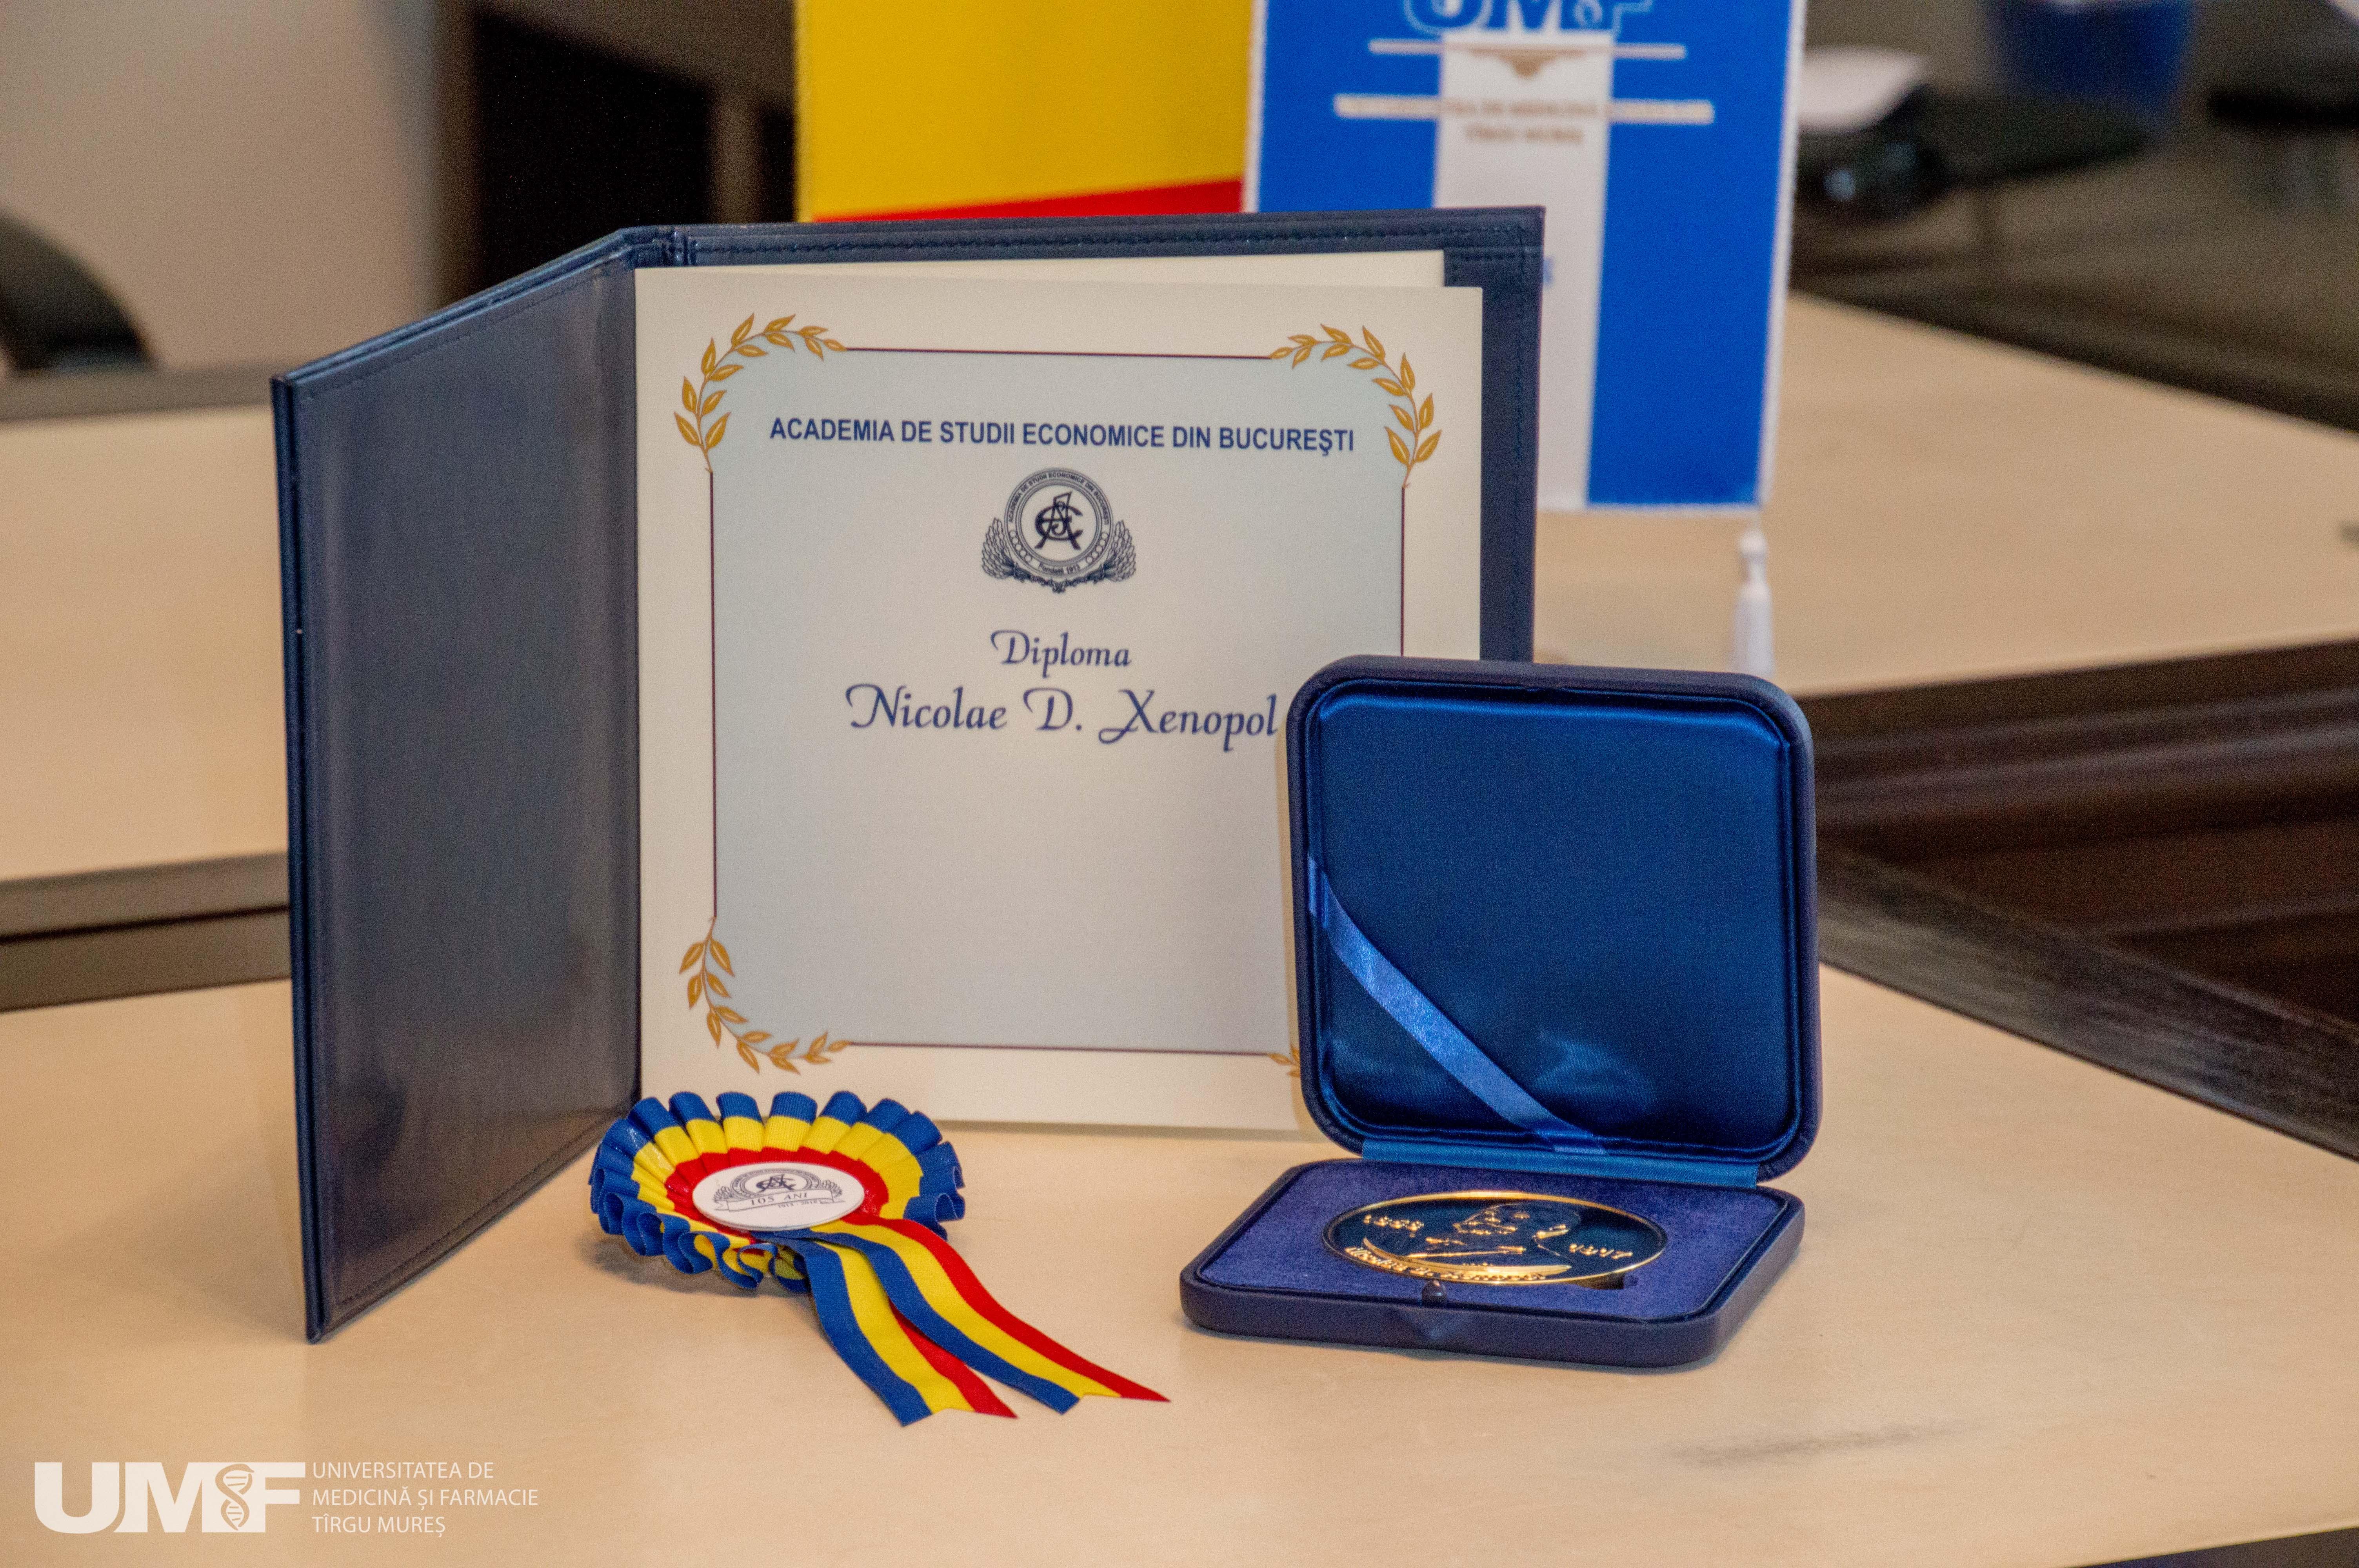 UMF Tîrgu Mureș a primit o importantă distincție din partea Academiei de Studii Economice din București